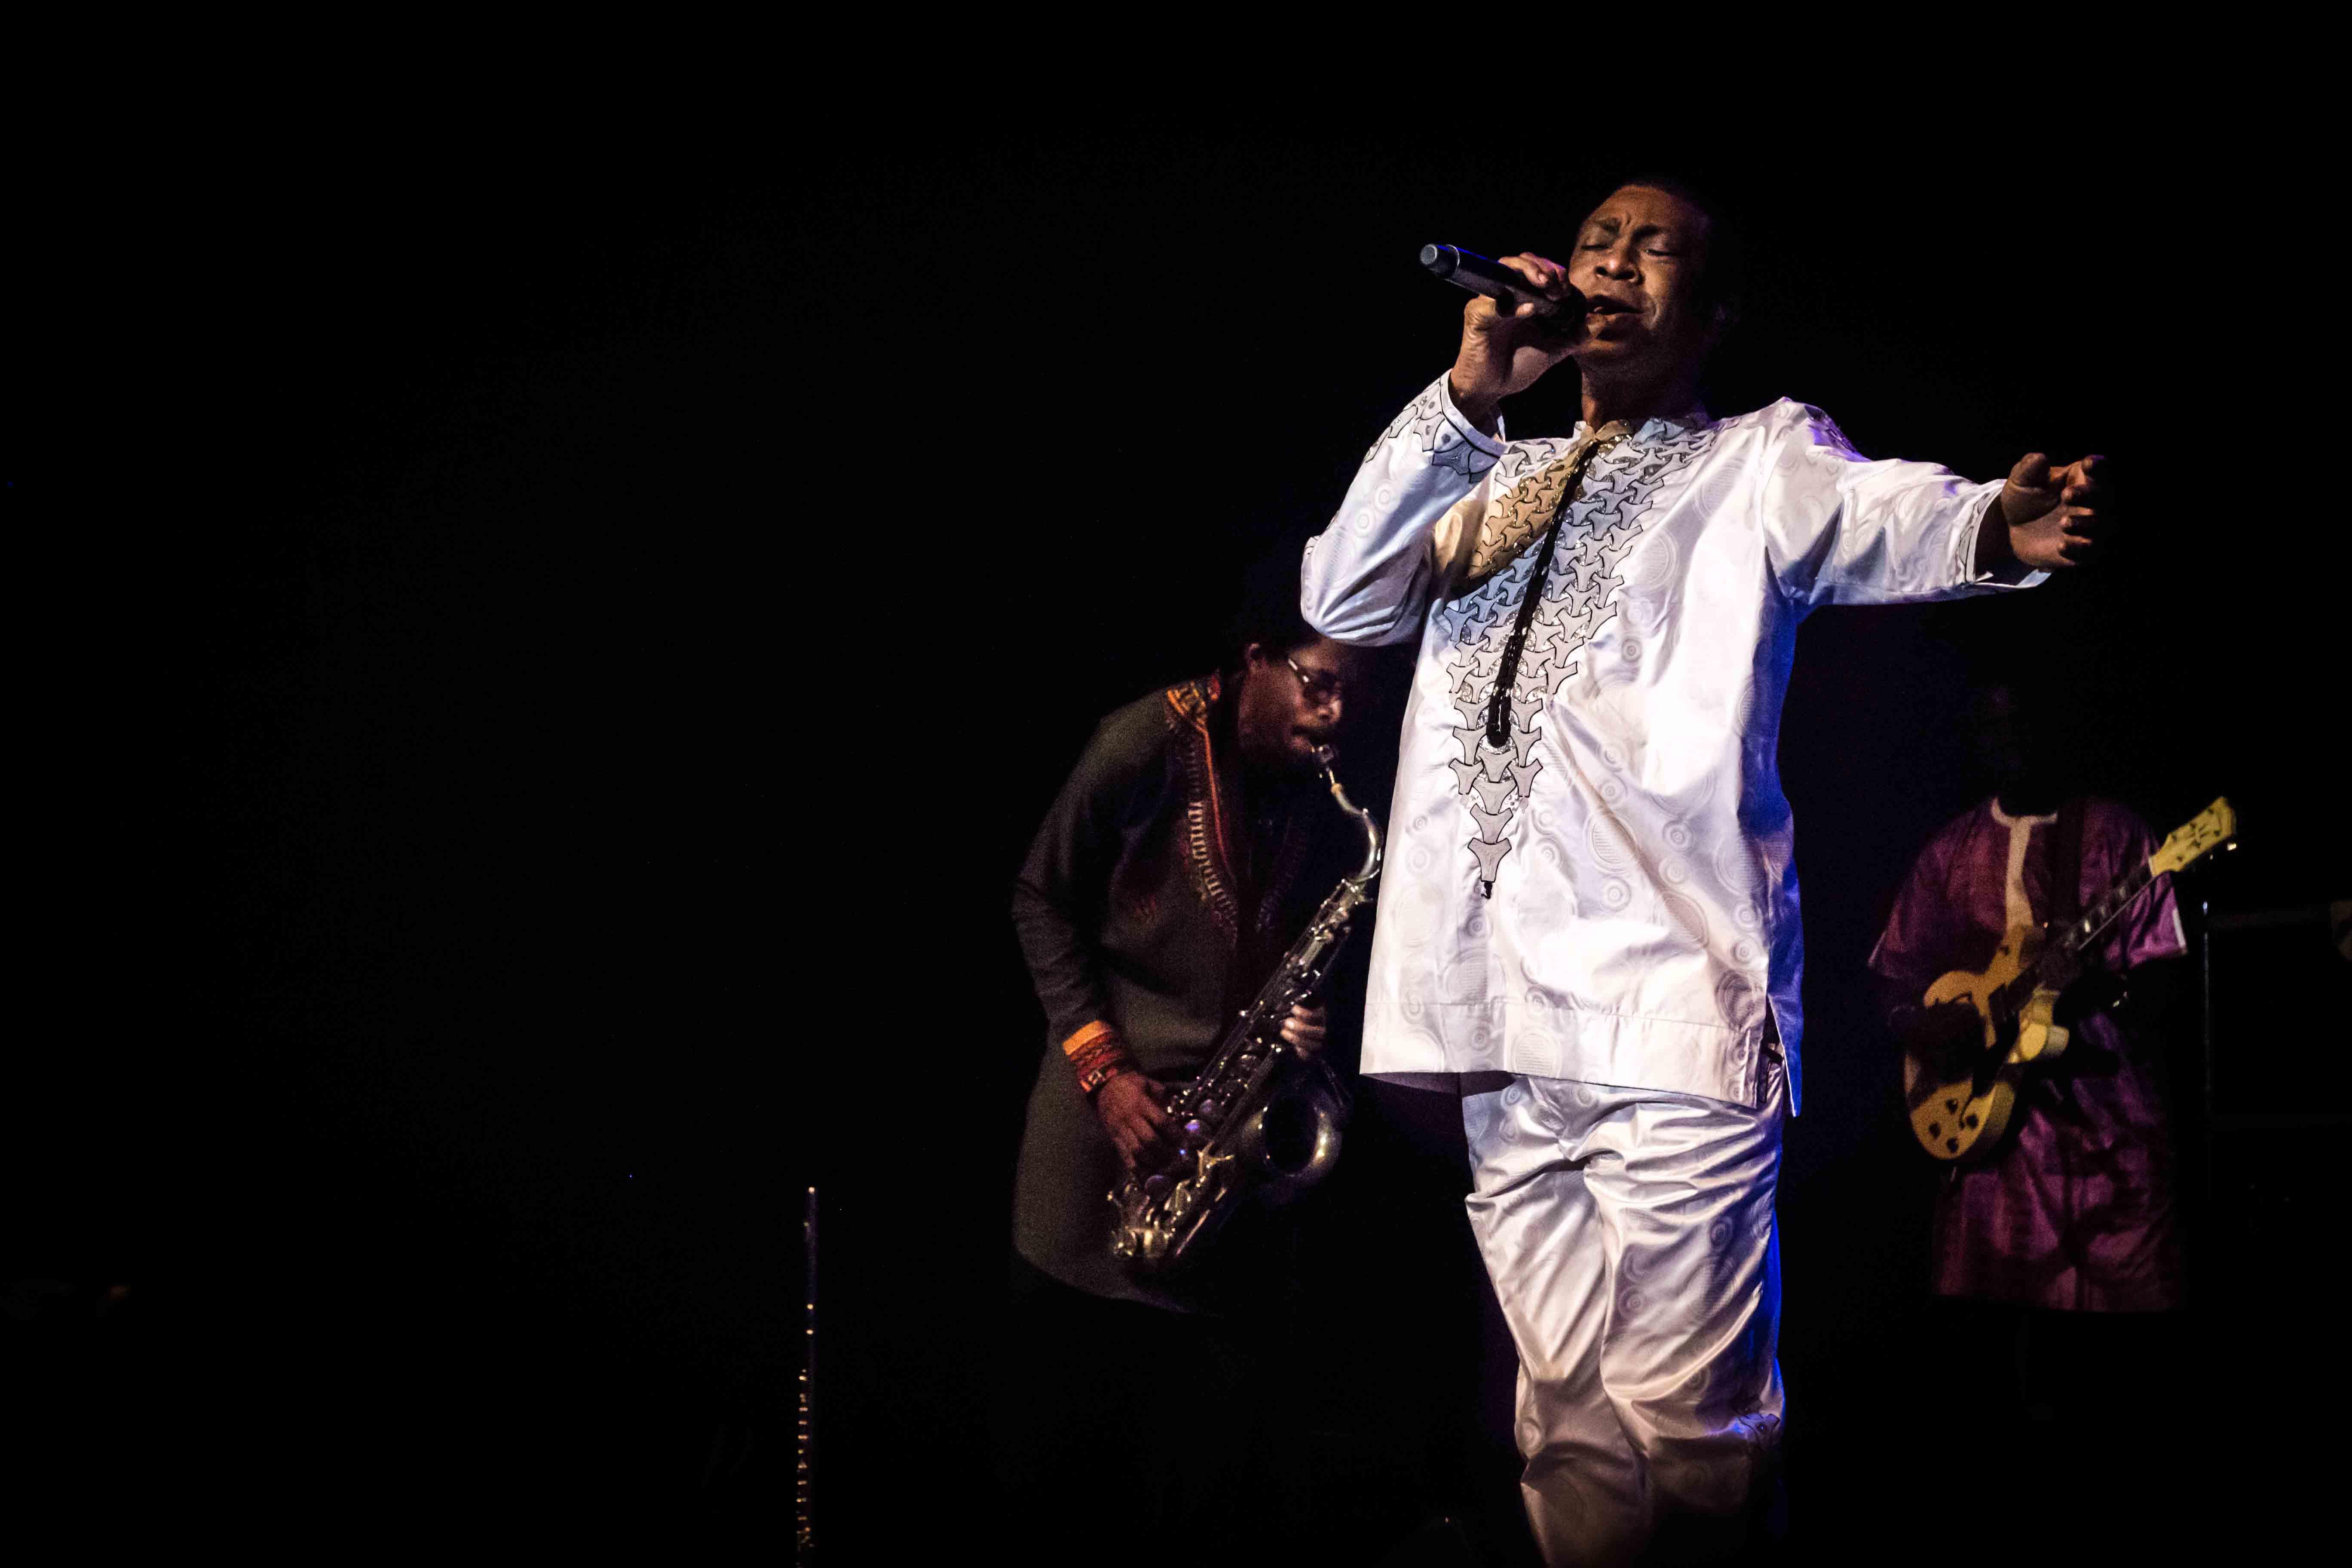 Youssou N'dour